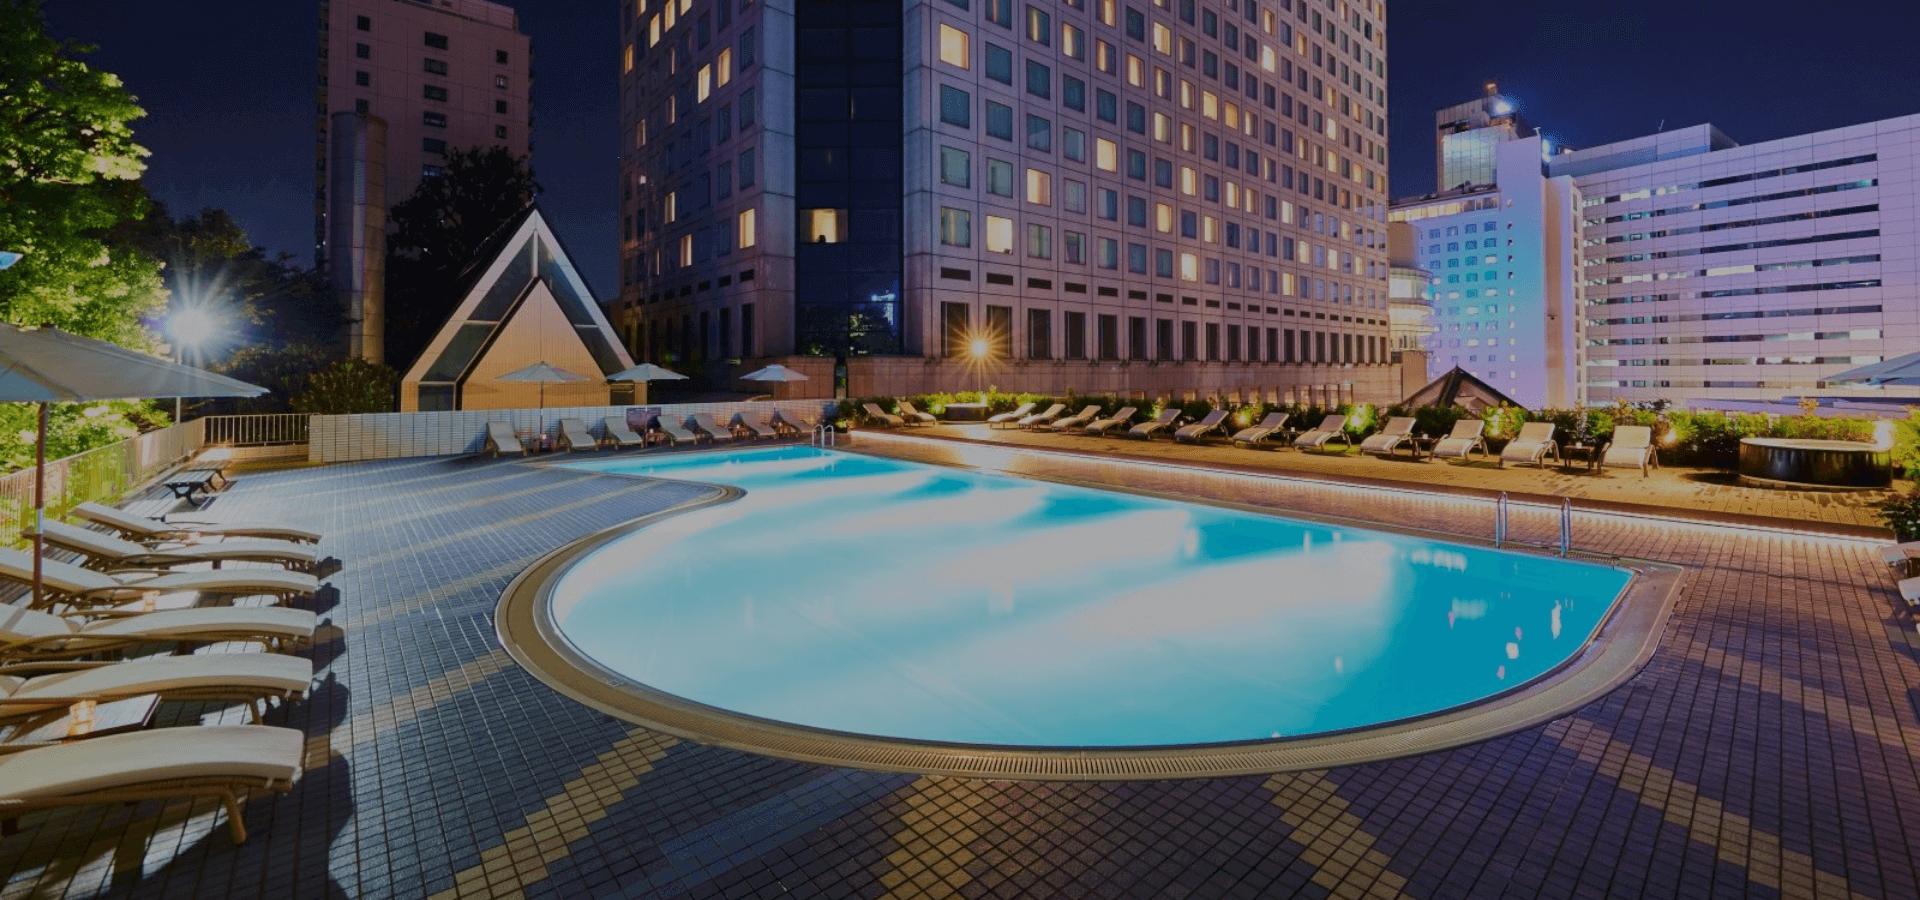 品川王子大饭店